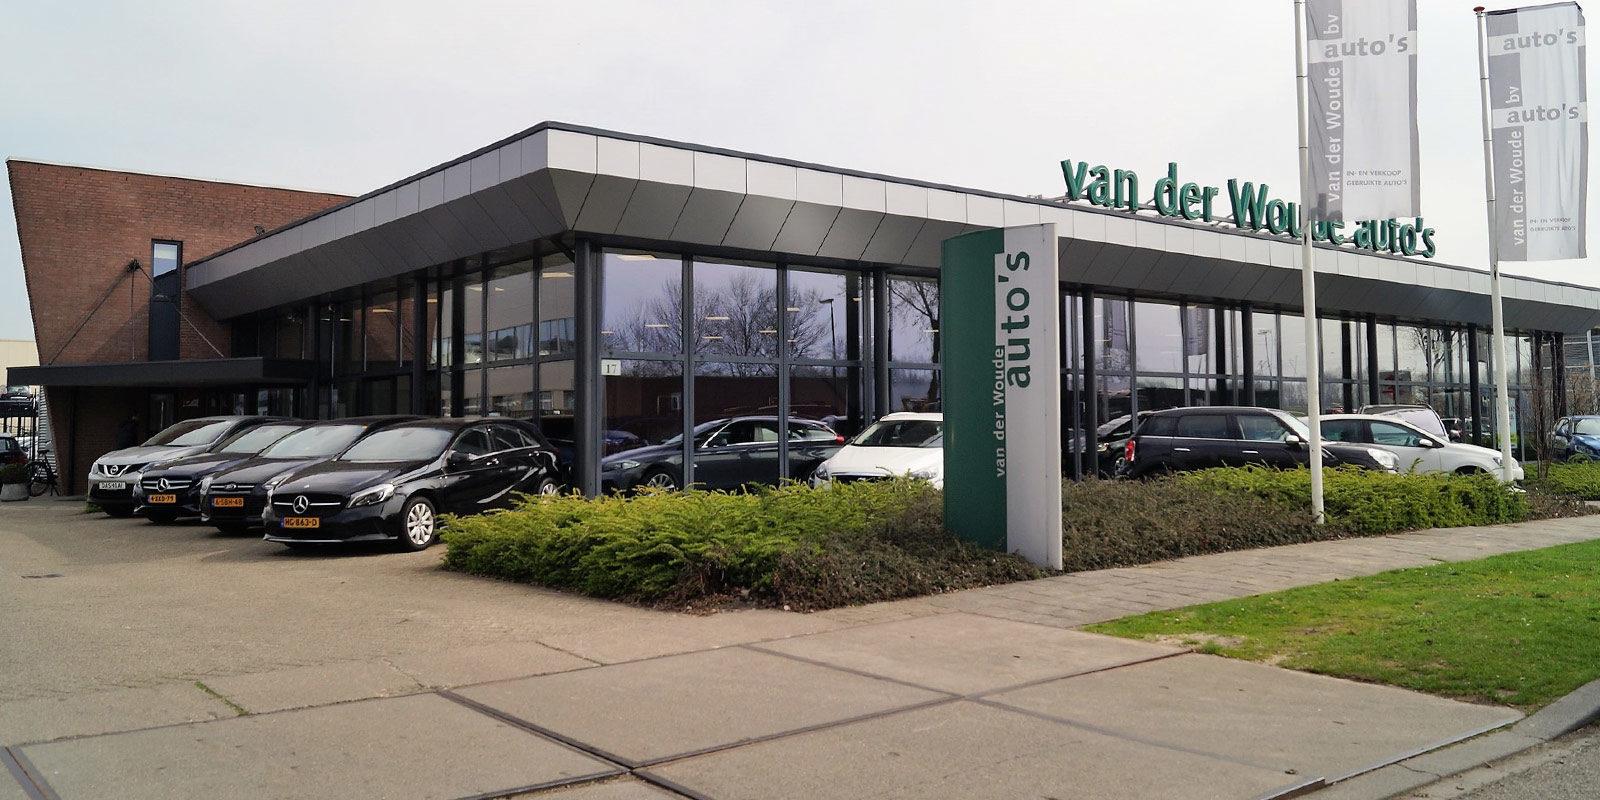 Van der Woude Auto's BV